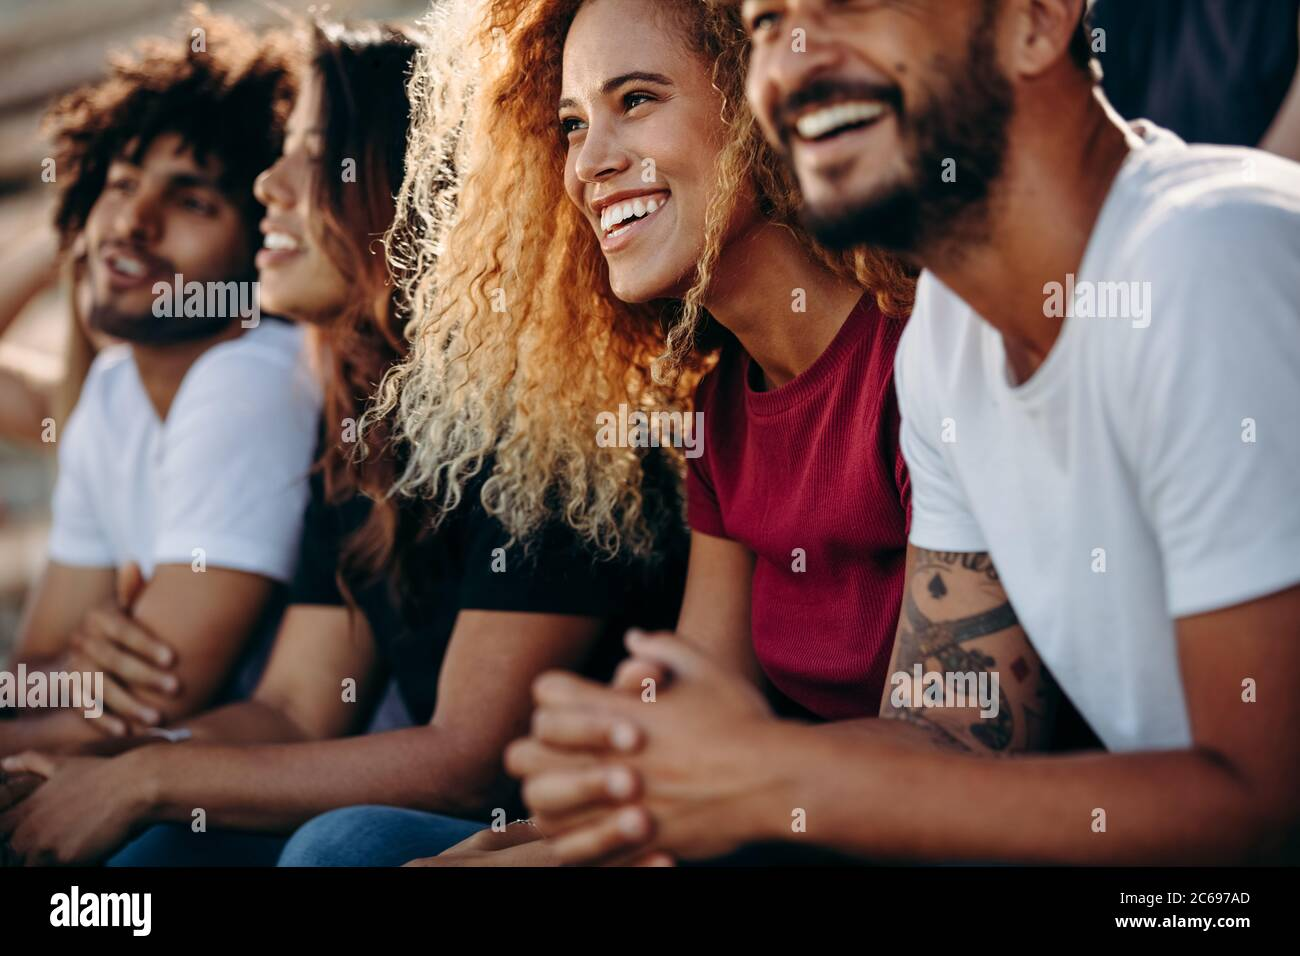 Pareja joven viendo un evento deportivo en el estadio. Grupo multiétnico de aficionados al deporte sentados en el estadio y viendo un partido de fútbol. Foto de stock